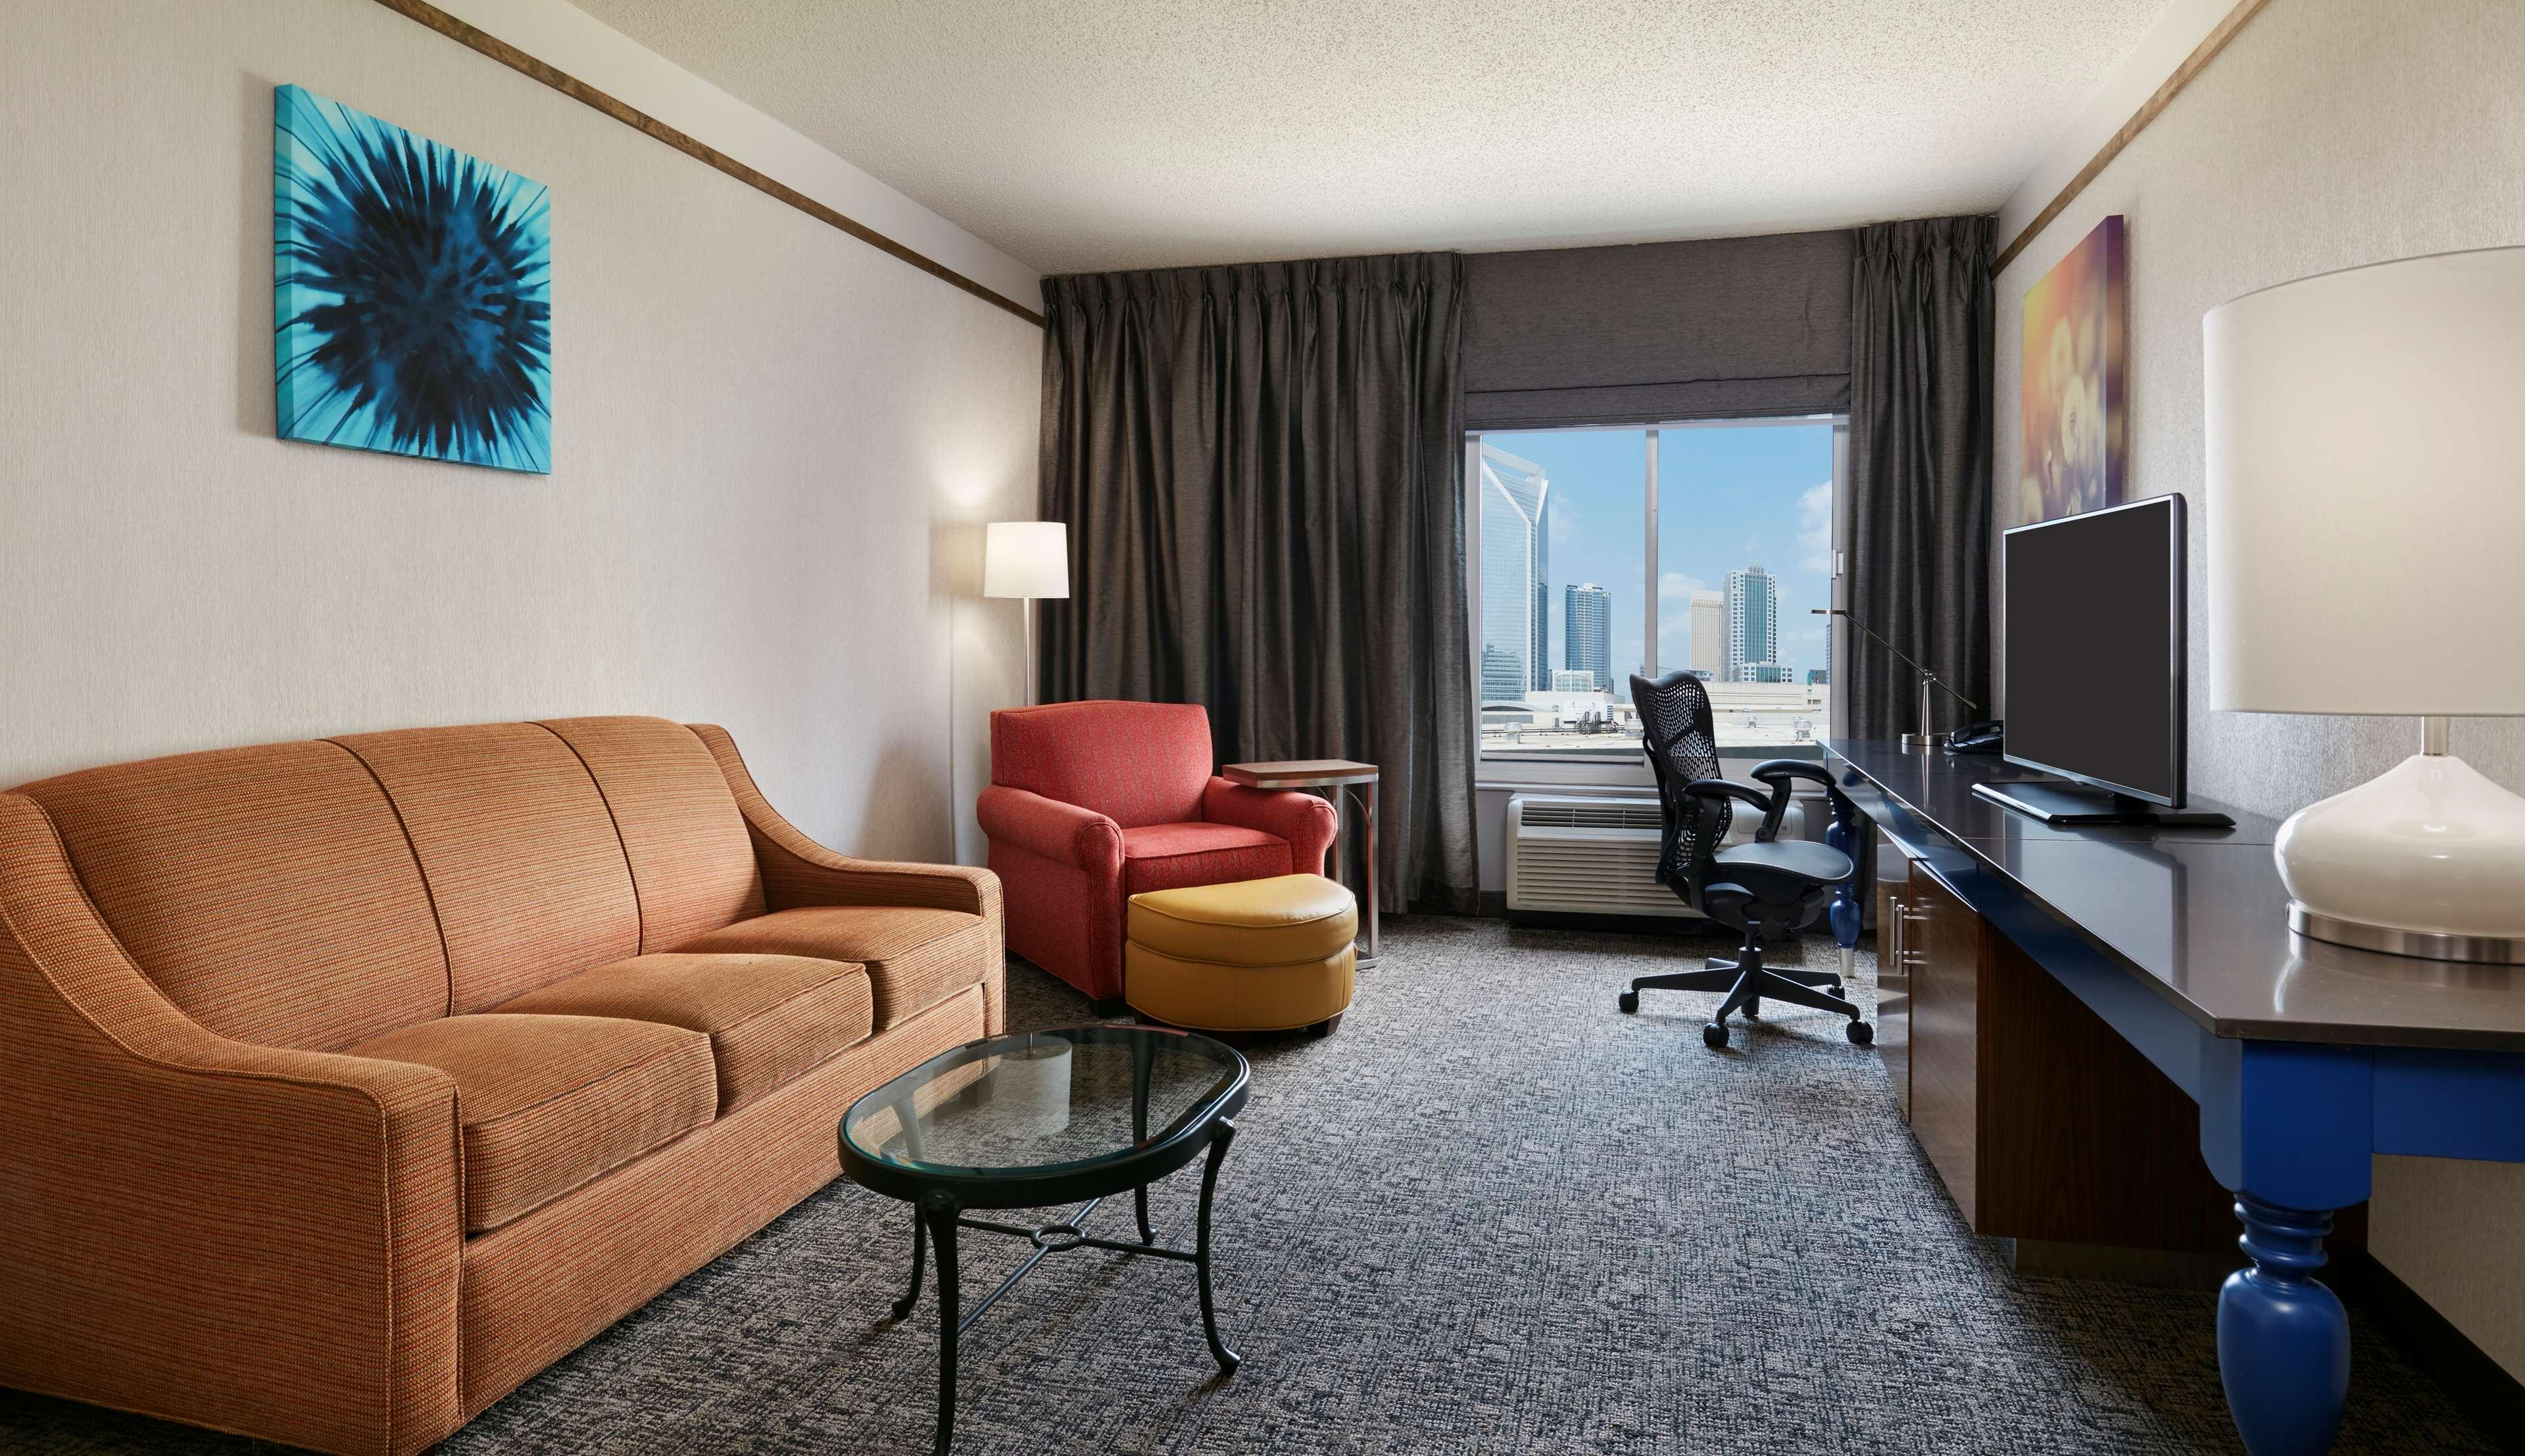 Hilton Garden Inn Charlotte Uptown image 28